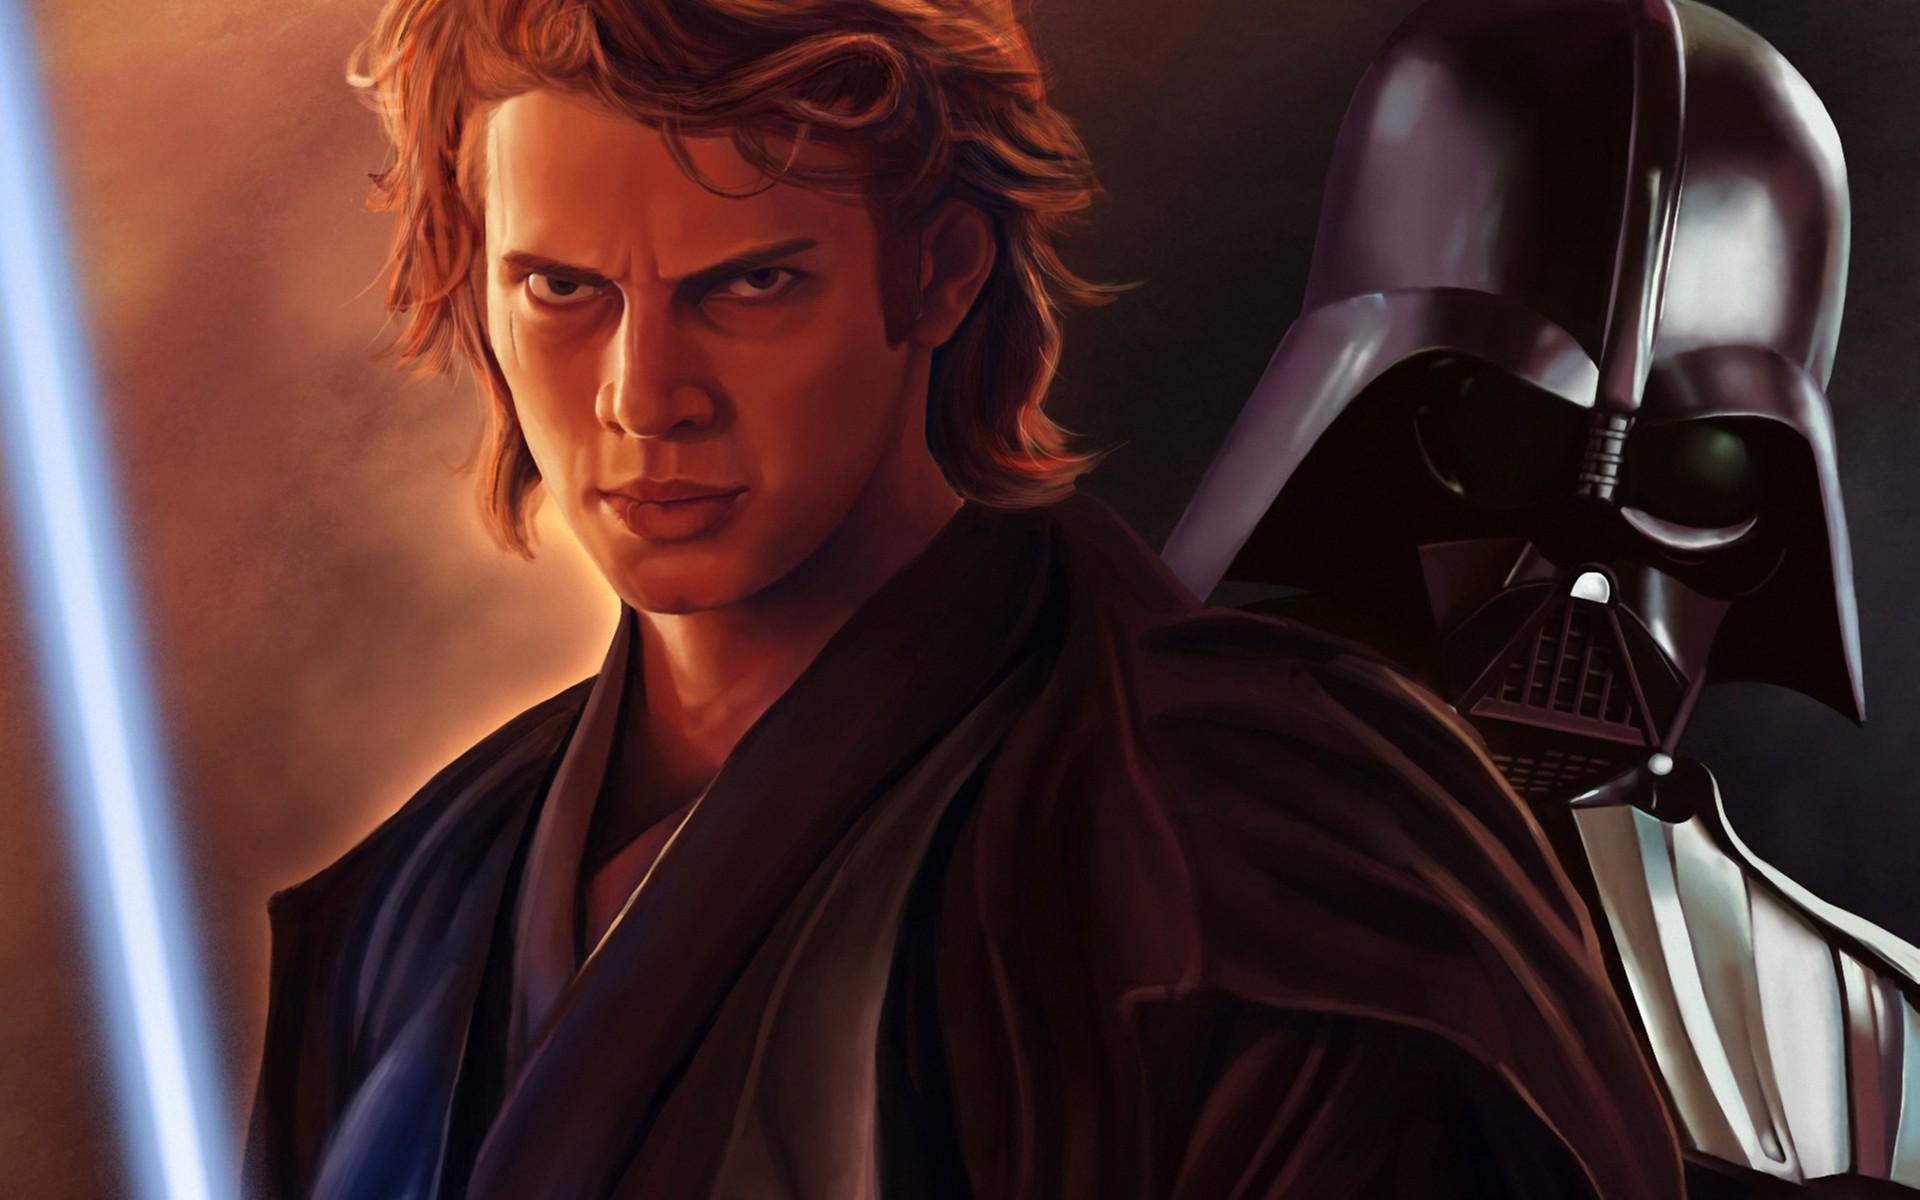 Christensen Anakin Skywalker Dart Vader lightsaber sci fi wallpaper 1920x1200